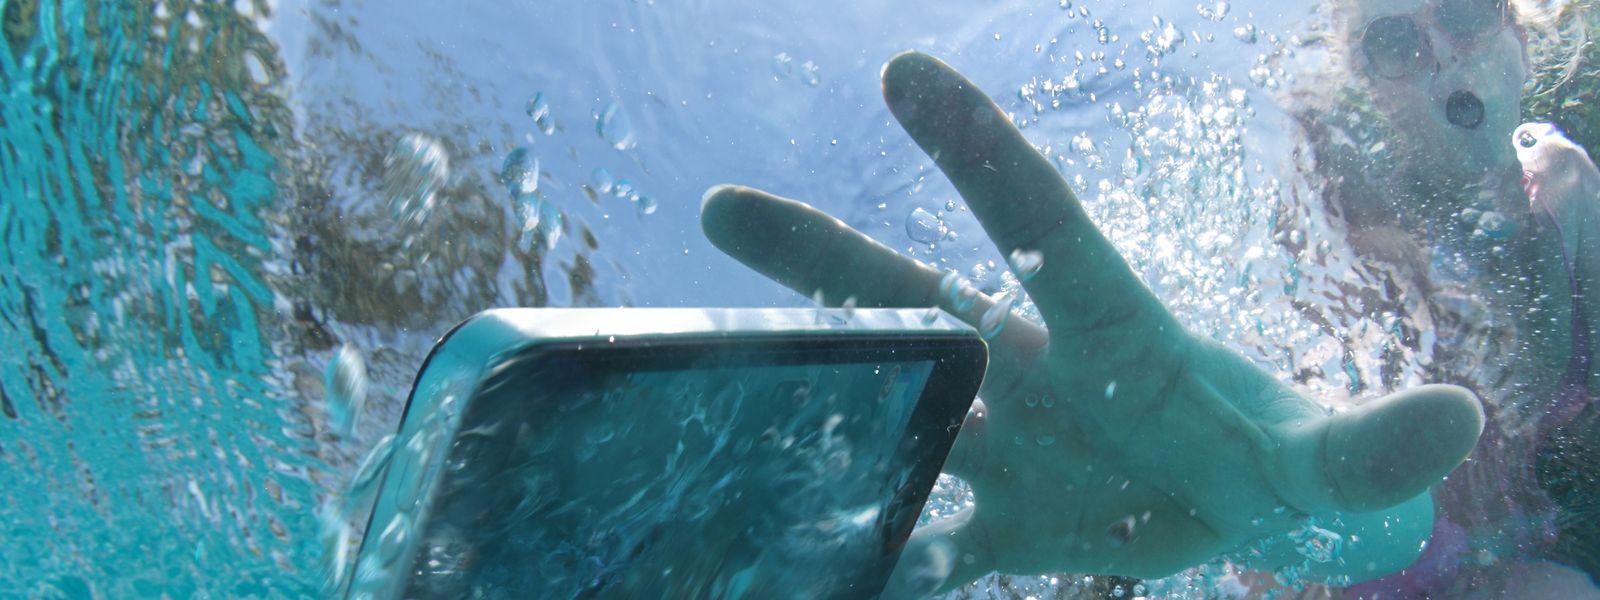 Schwups – und schon liegt das Smartphone im Pool, hoffentlich gut geschützt.